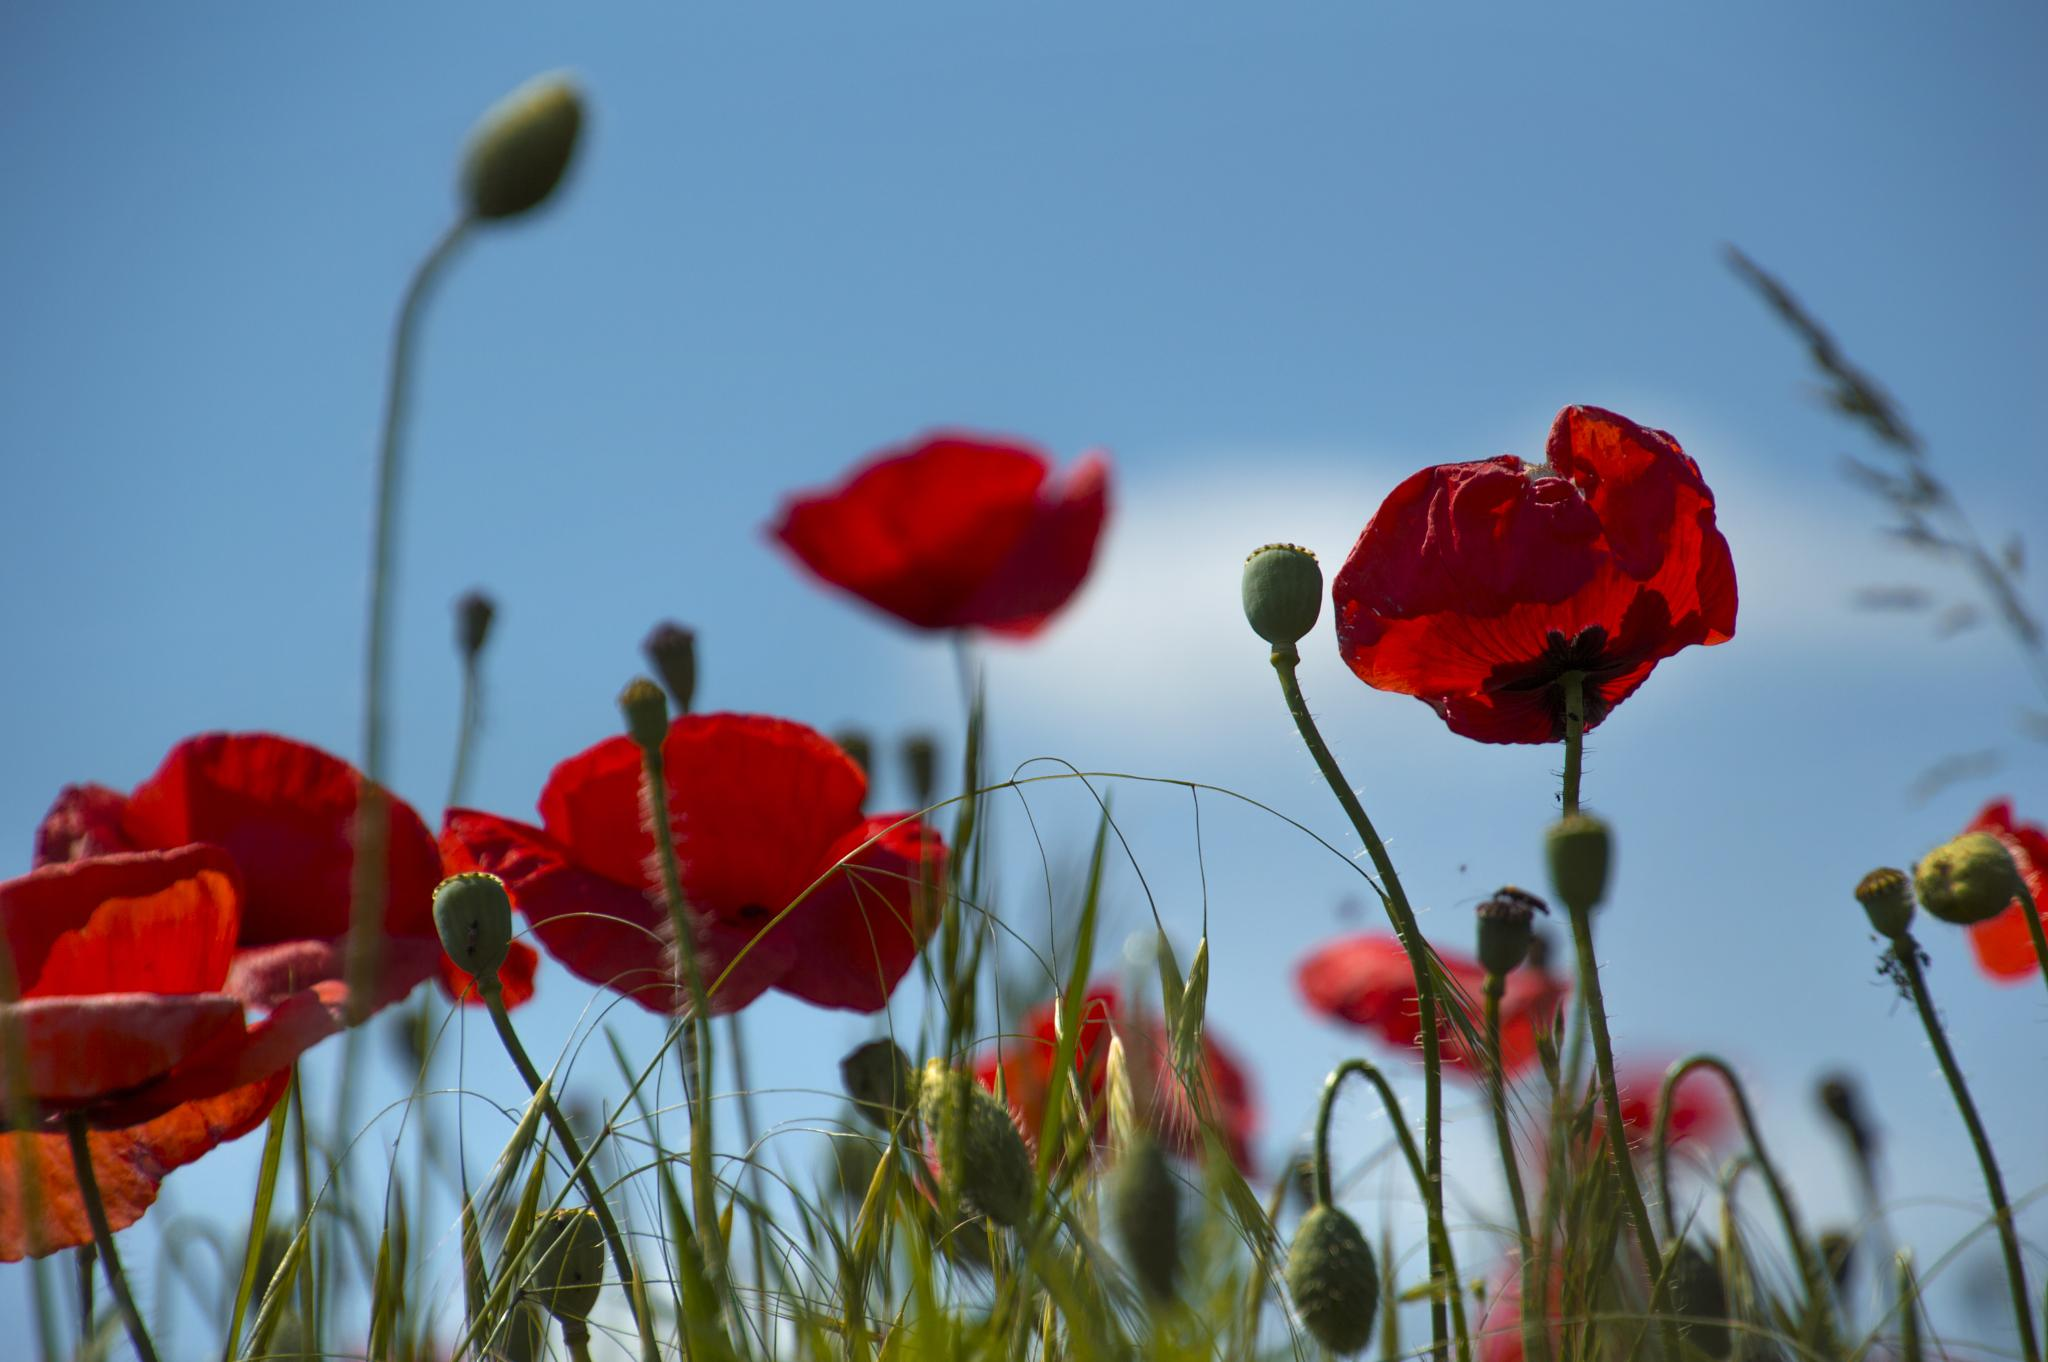 poppy by AdrianBotescu